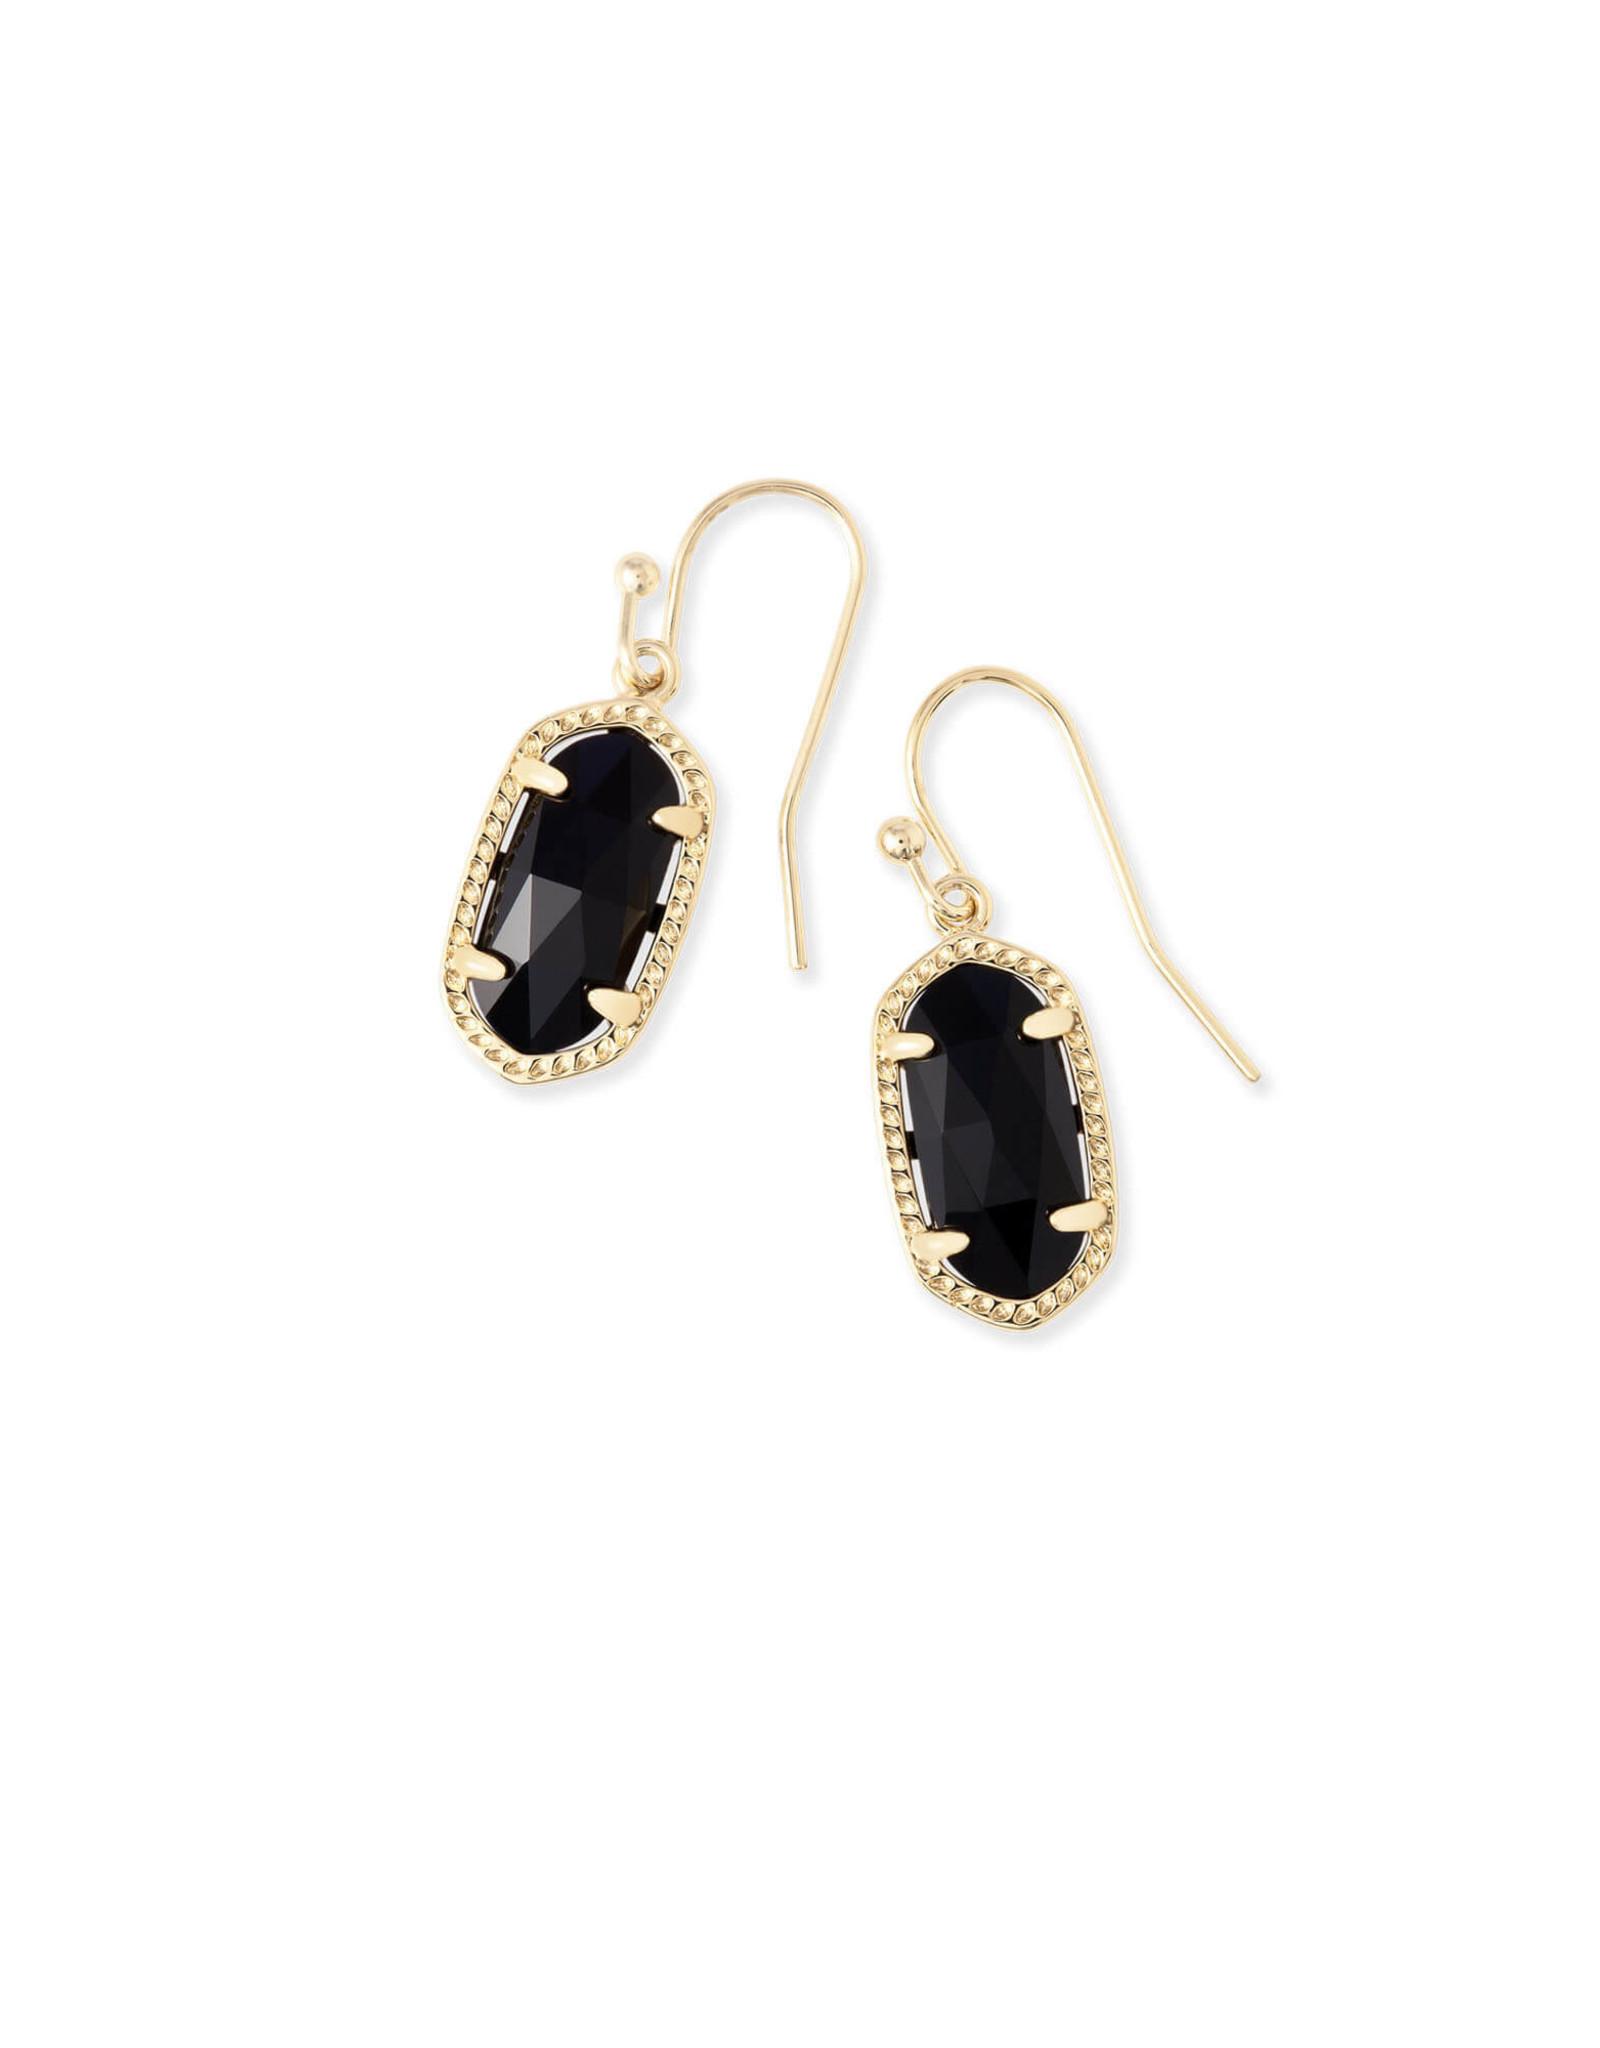 Kendra Scott Lee Earring - Black/Gold